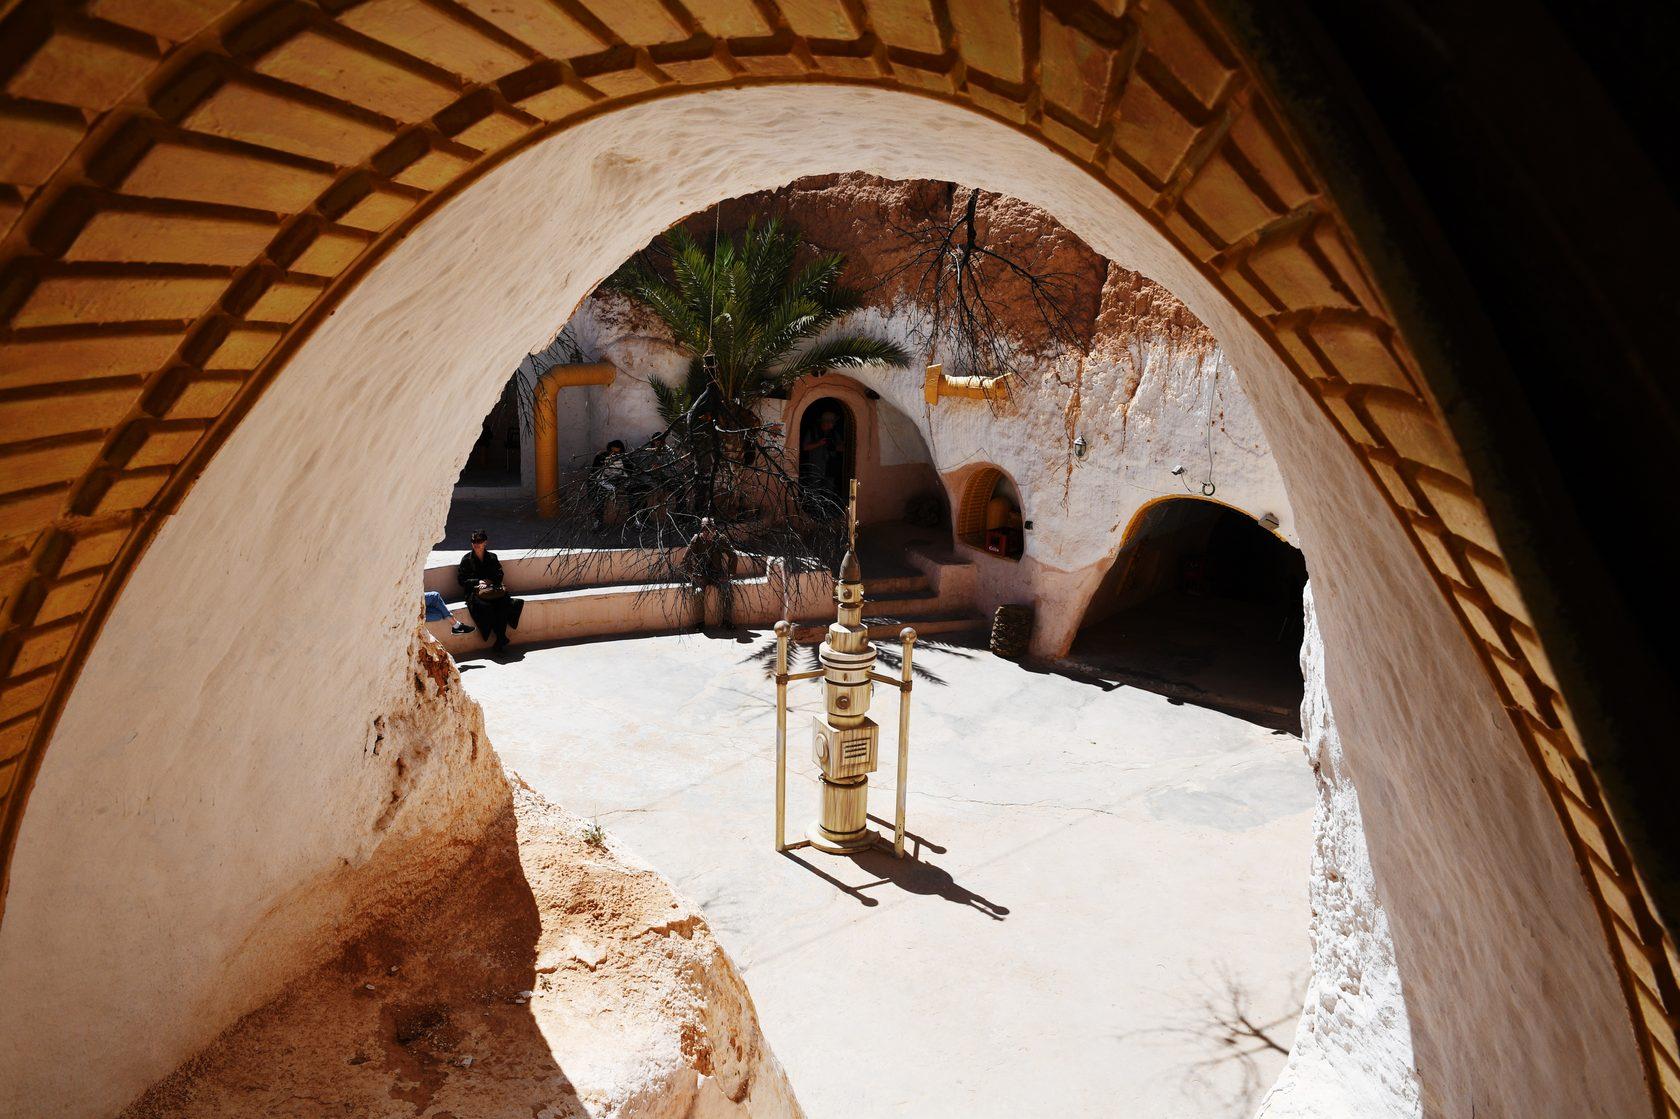 Yıldız Savaşlarından Luke Skywalkerin Tunustaki evi 96